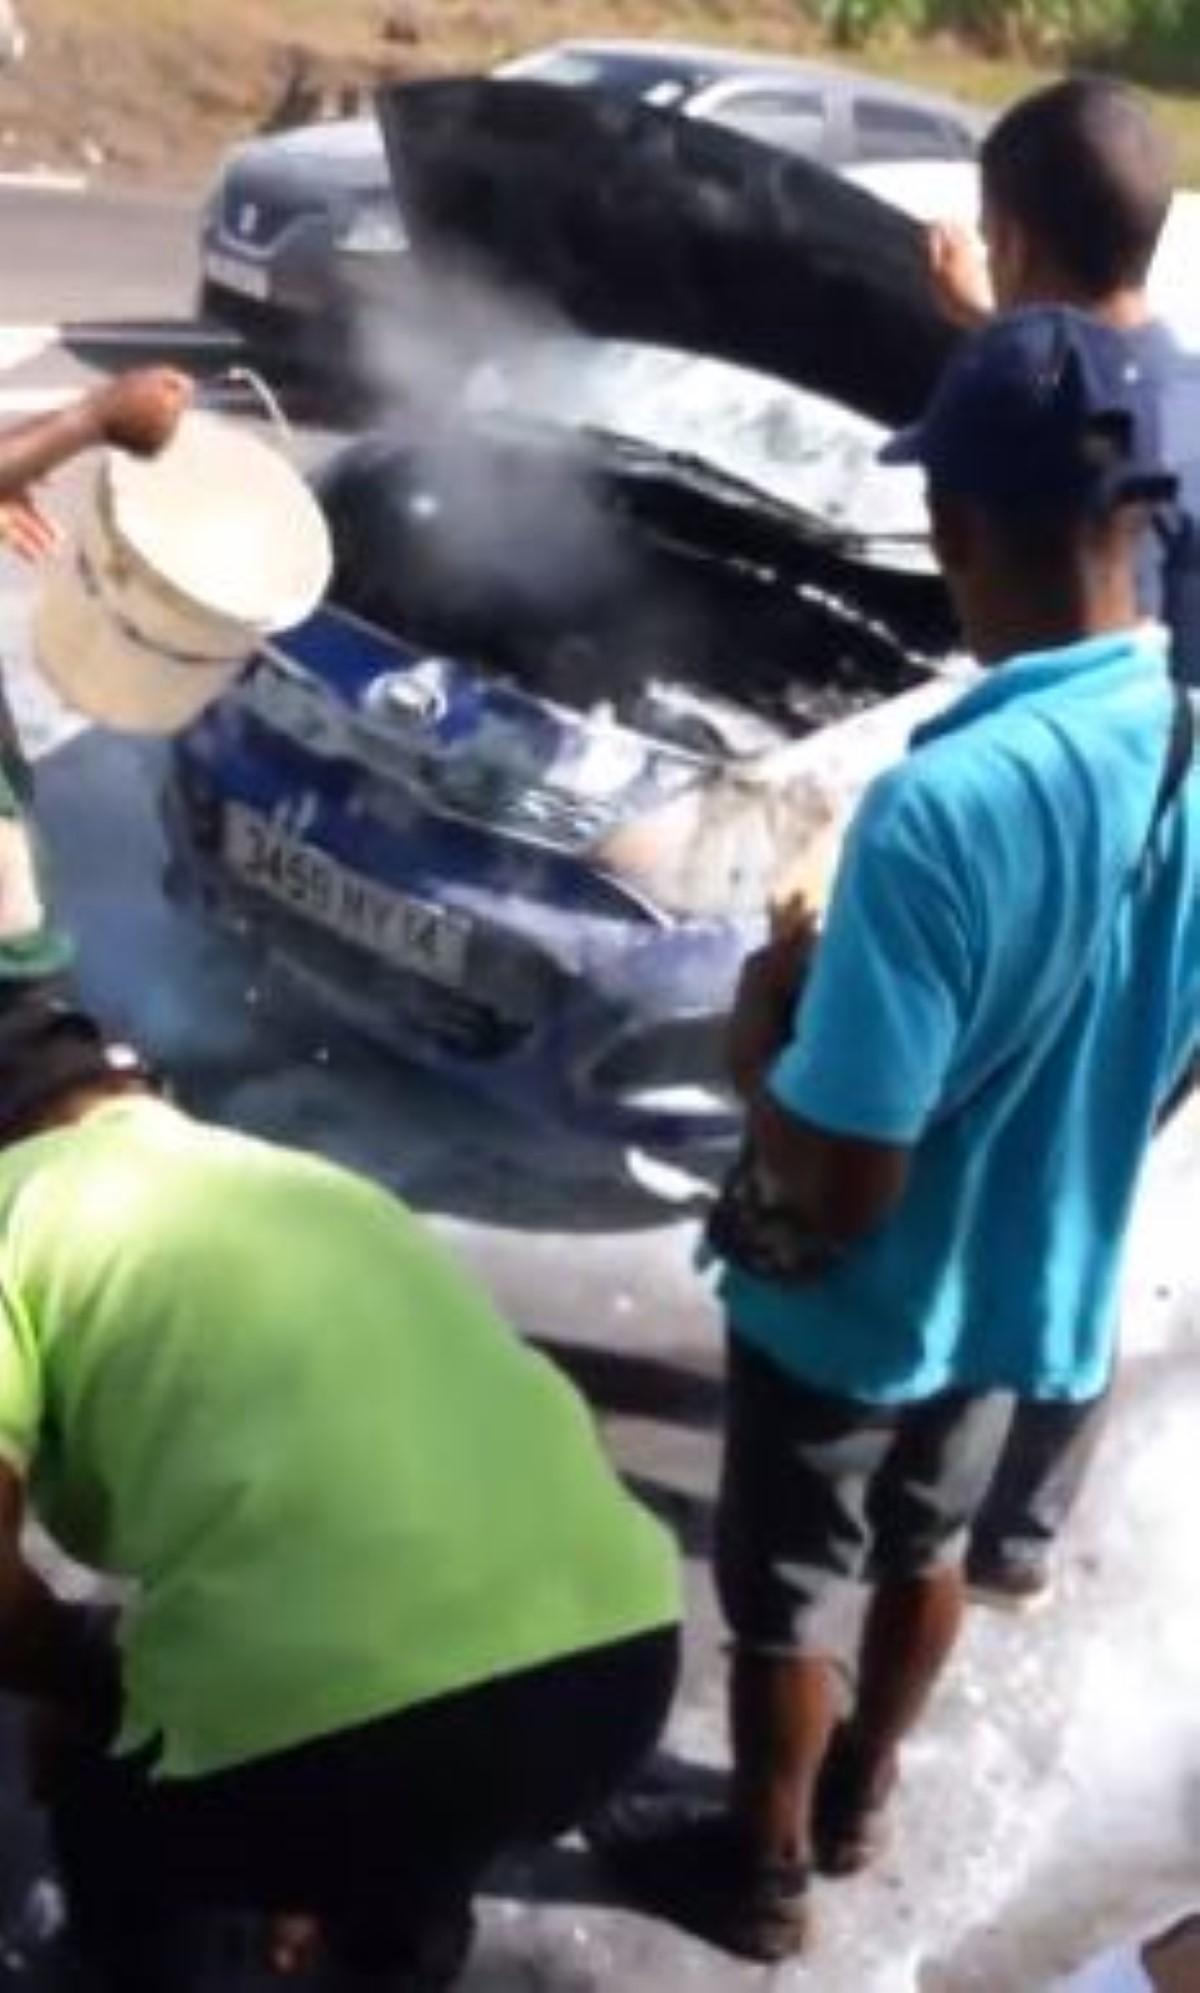 [Vidéo] La série noire continue : Une voiture prend feu à Trois-Bras